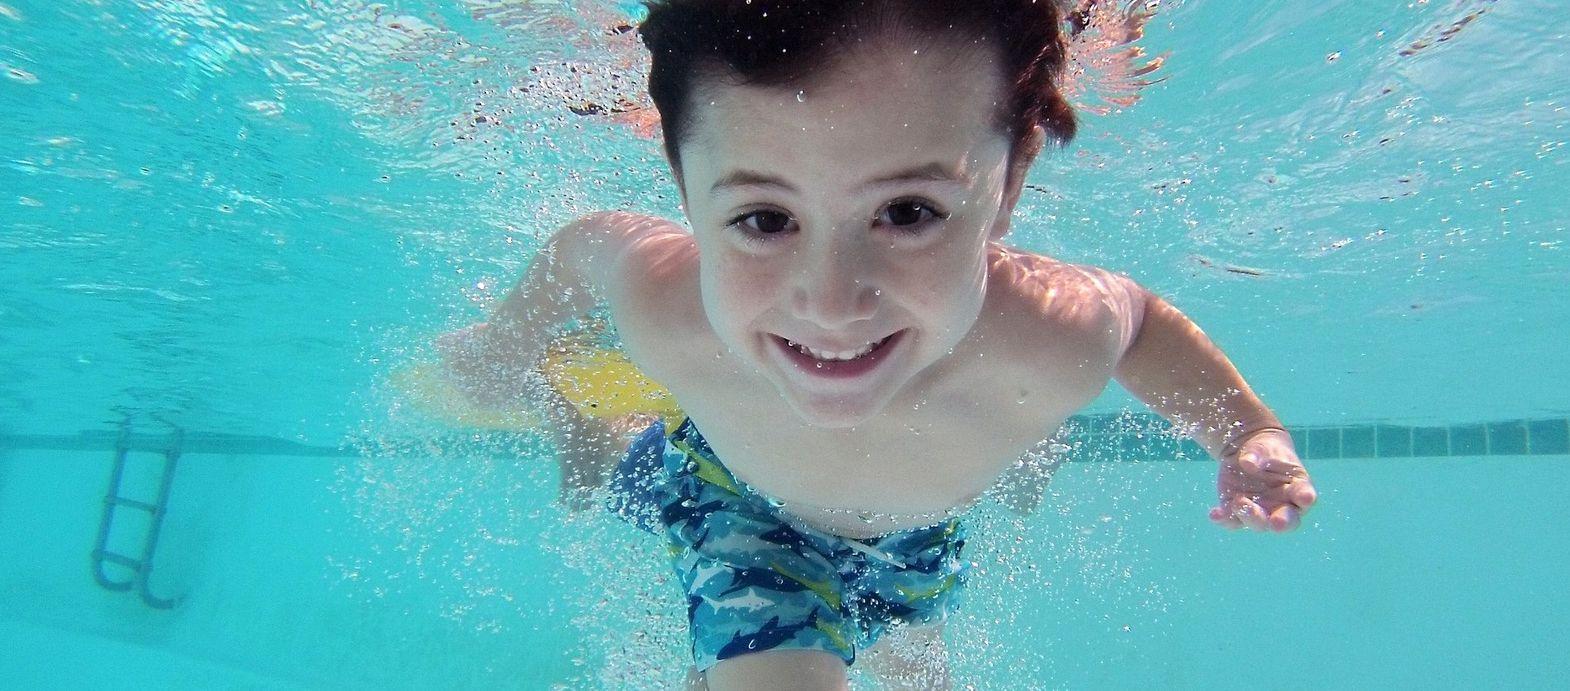 zwembad letselschade ongeluk